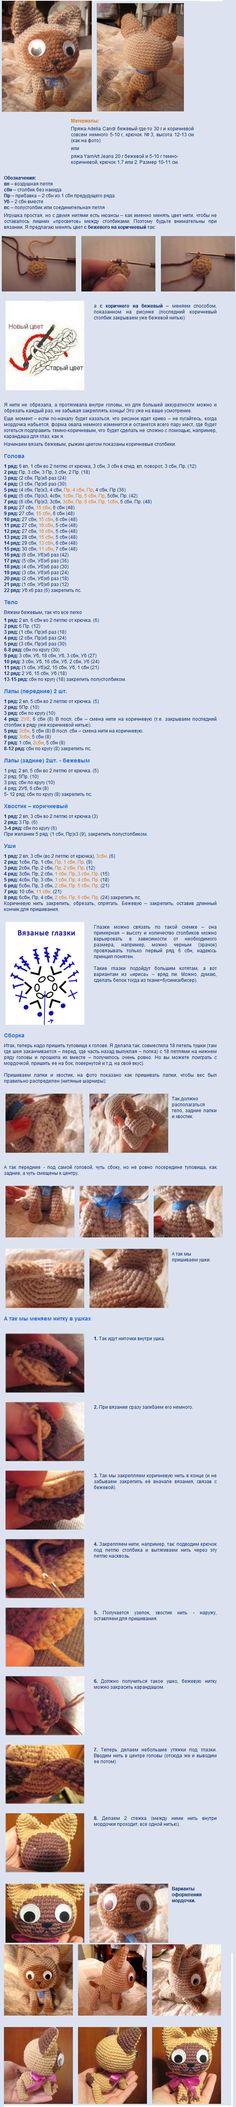 vyazanie-igrushek-amigurumi-foto6.jpg (599×5350)